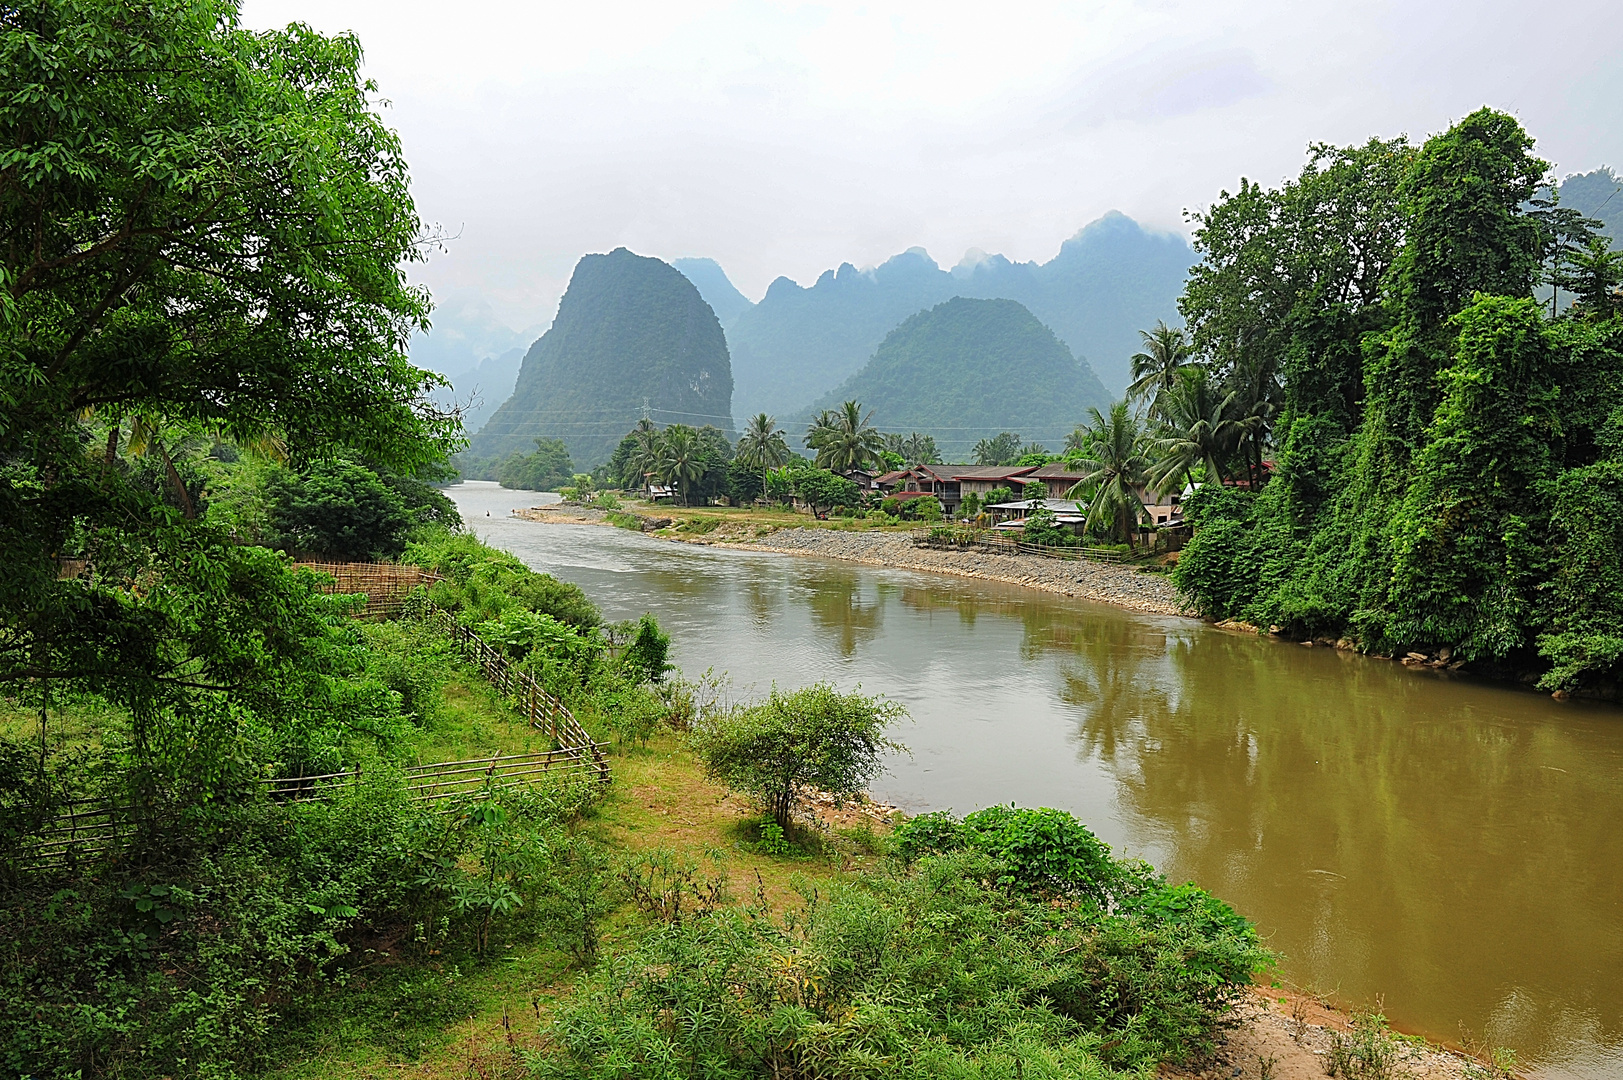 fantastischer Ausblick im Norden von Vang Vieng